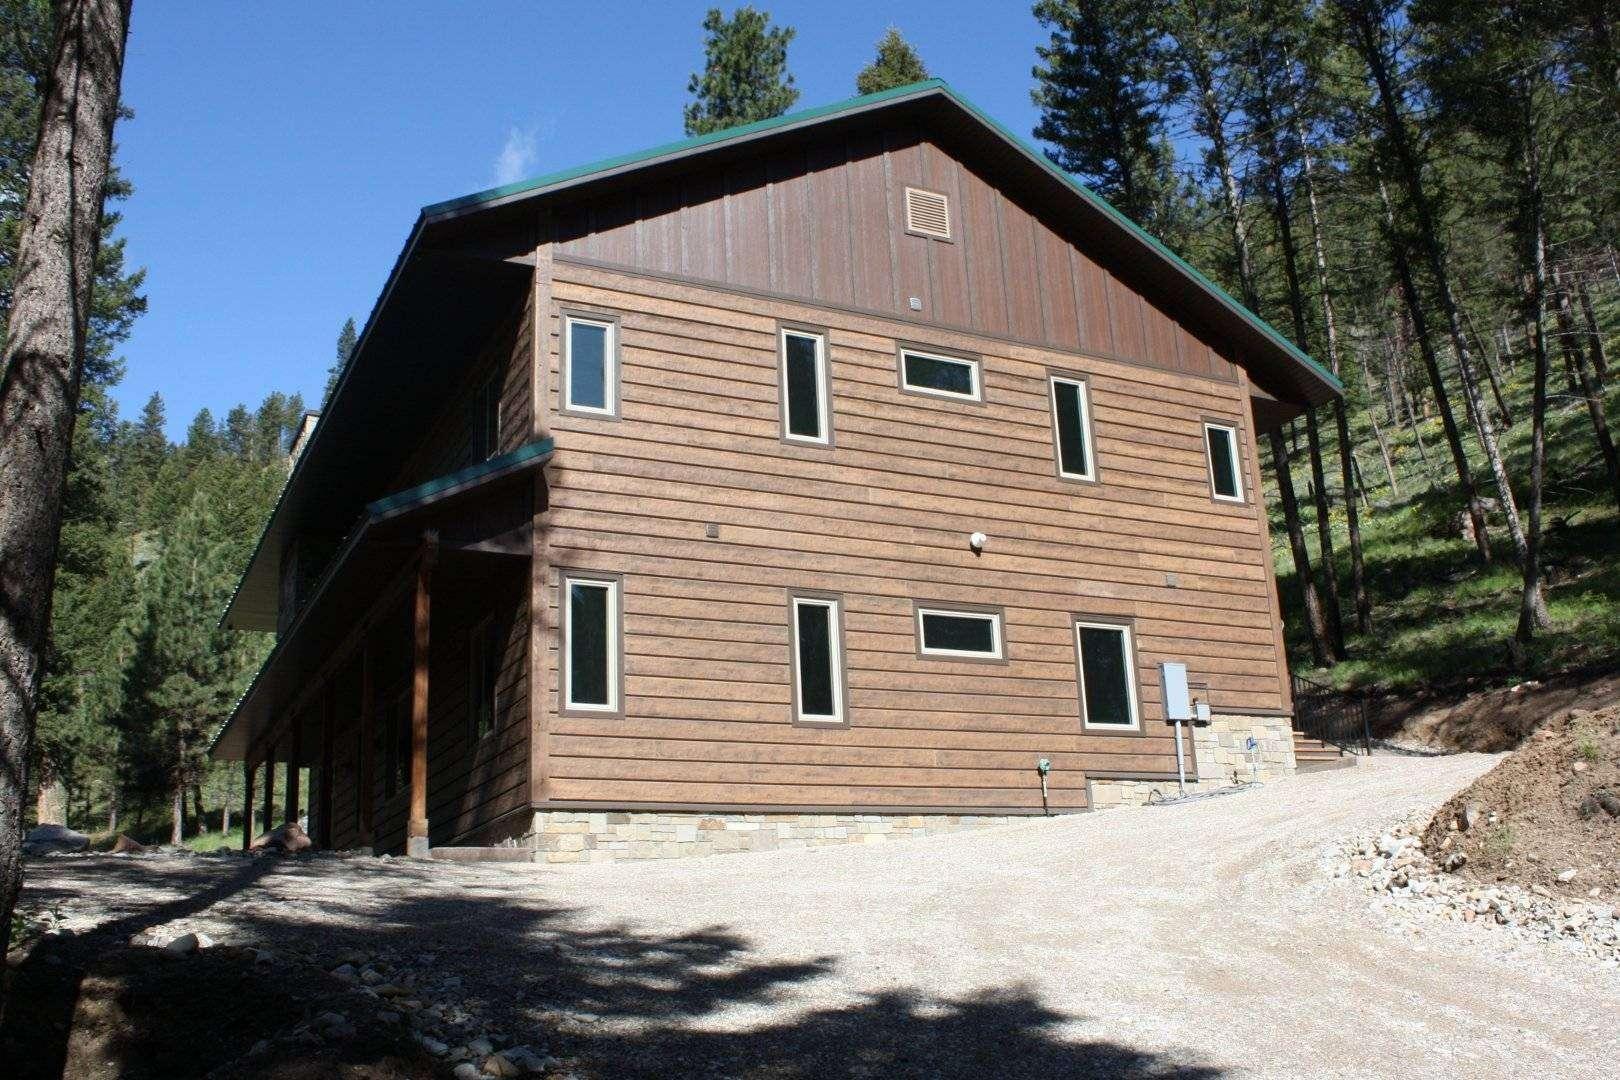 Retreat cabin sula montana everlog systems for Concrete log cabins